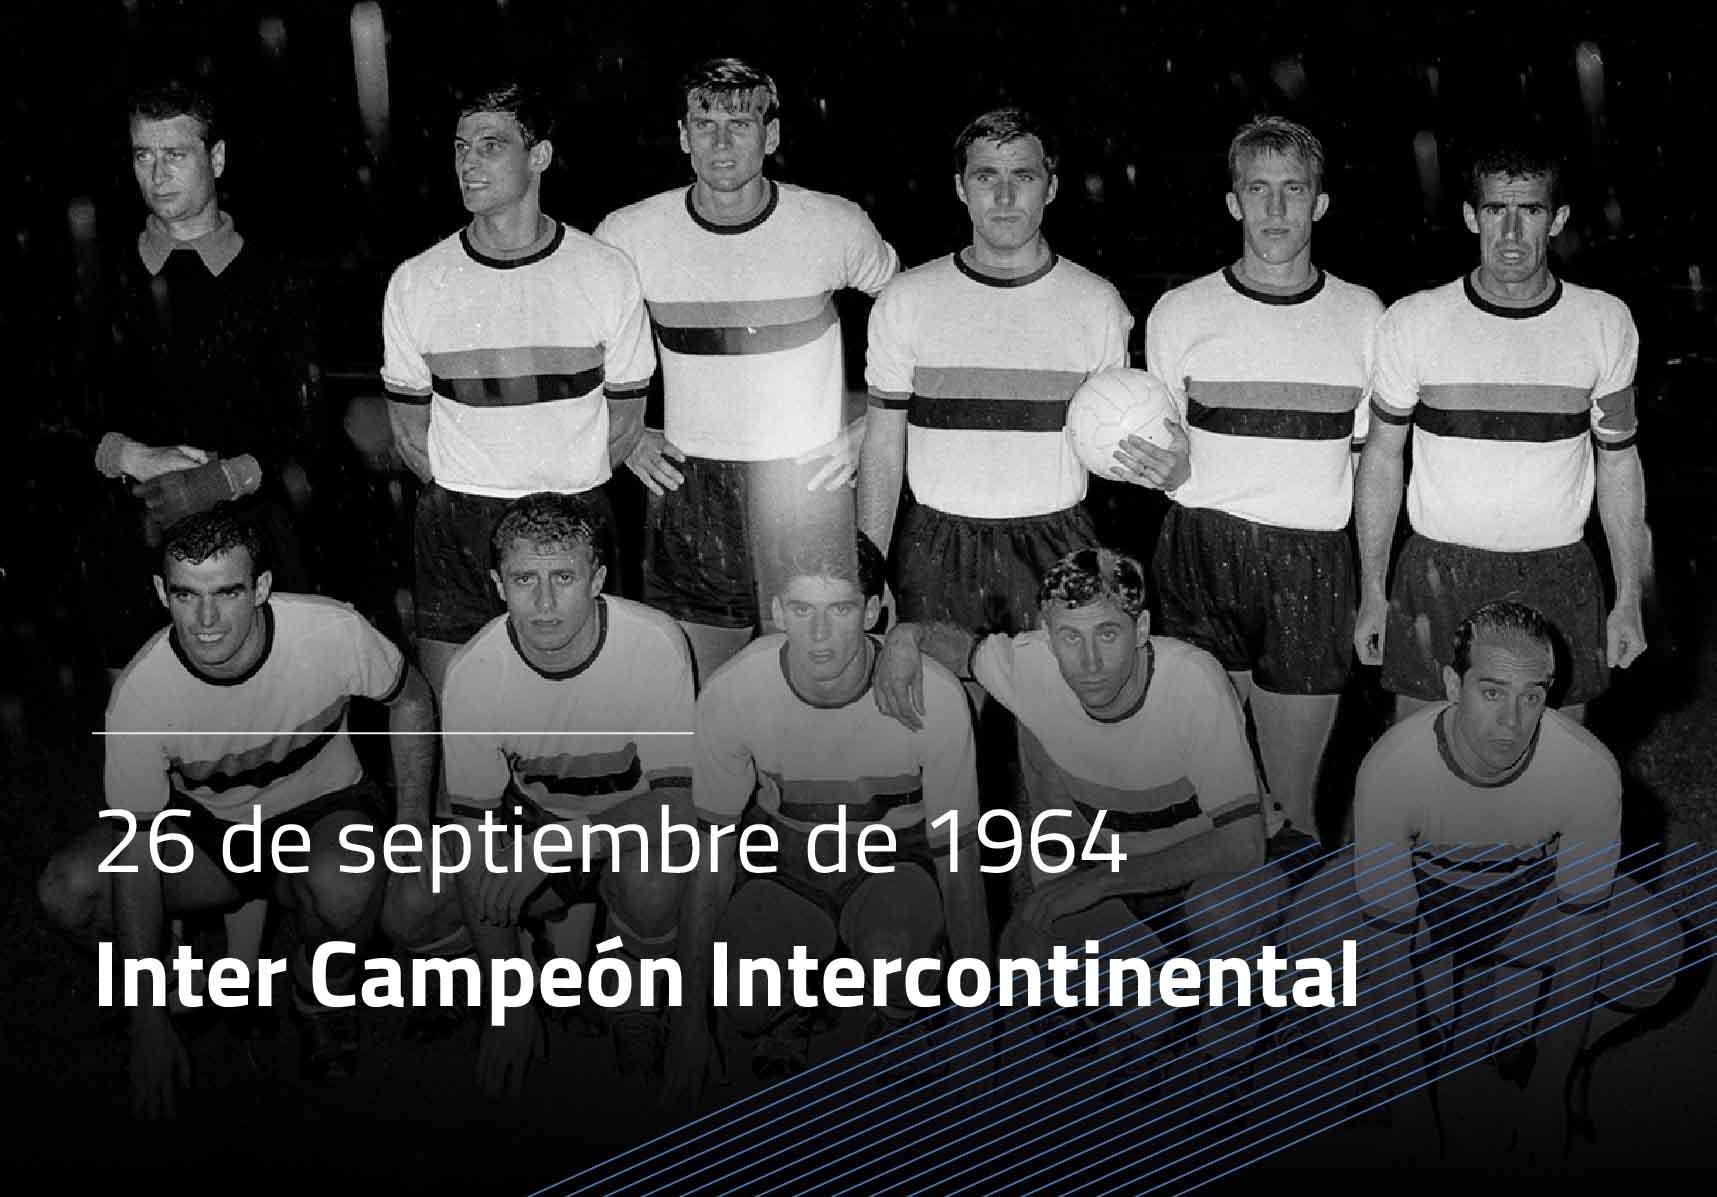 Inter Campeón del Mundo